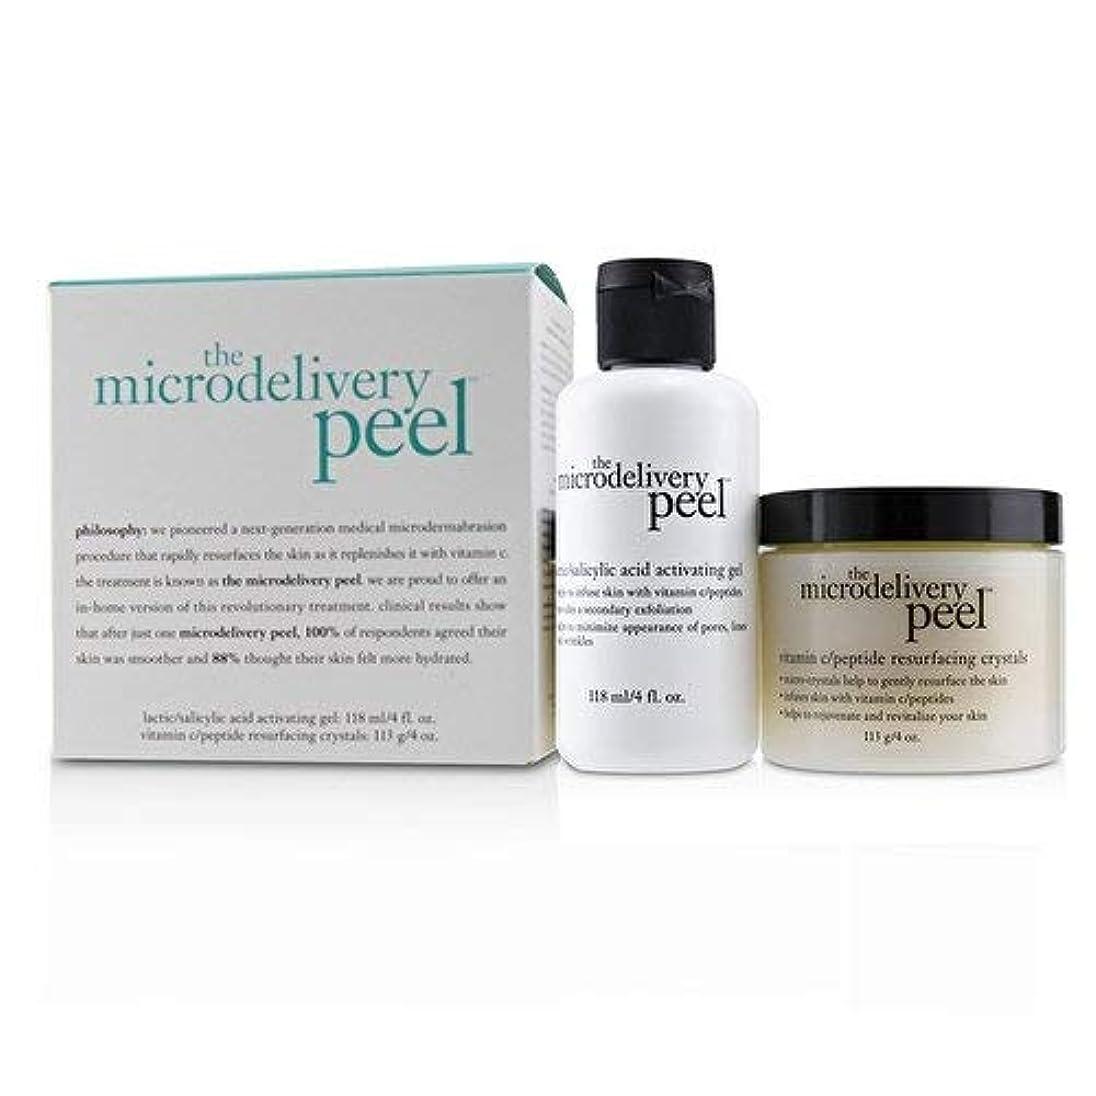 ファシズムゴージャスベールフィロソフィー The Microdelivery Peel: Lactic/Salicylic Acid Activating Gel 118ml + Vitamin C/Peptide Resurfacing Crystals 2pcs並行輸入品